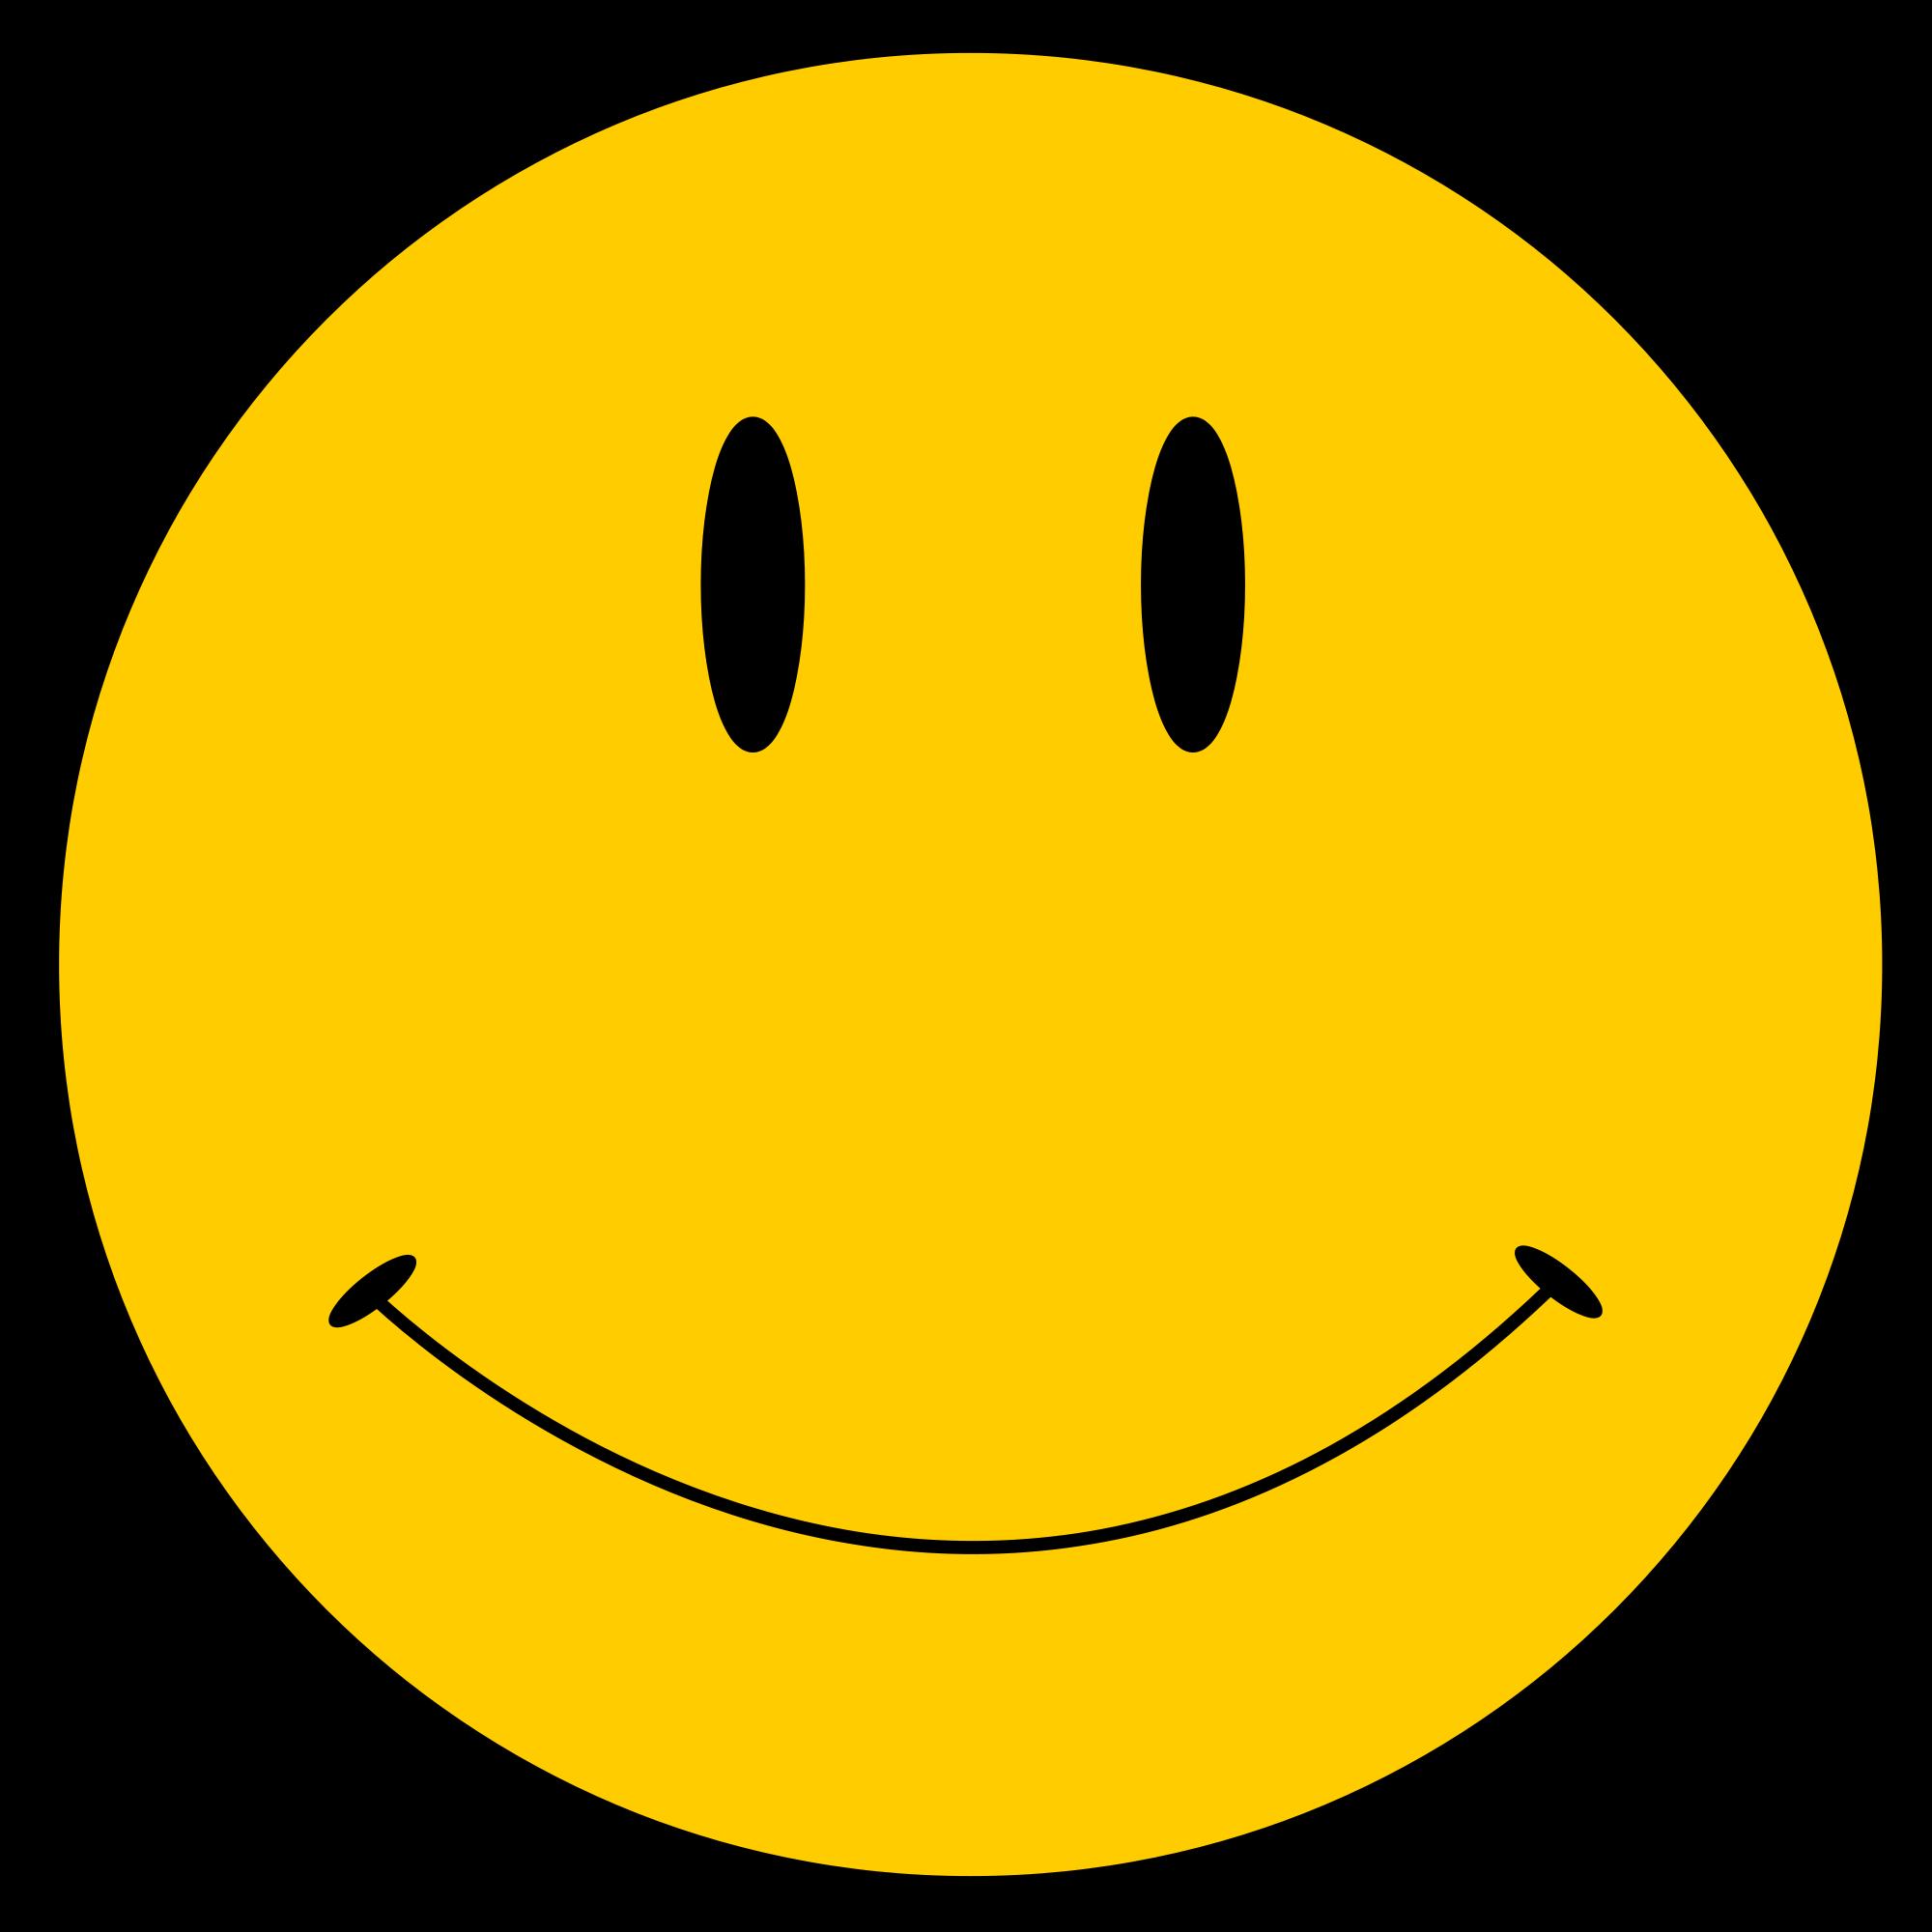 Original smiley face clipart.